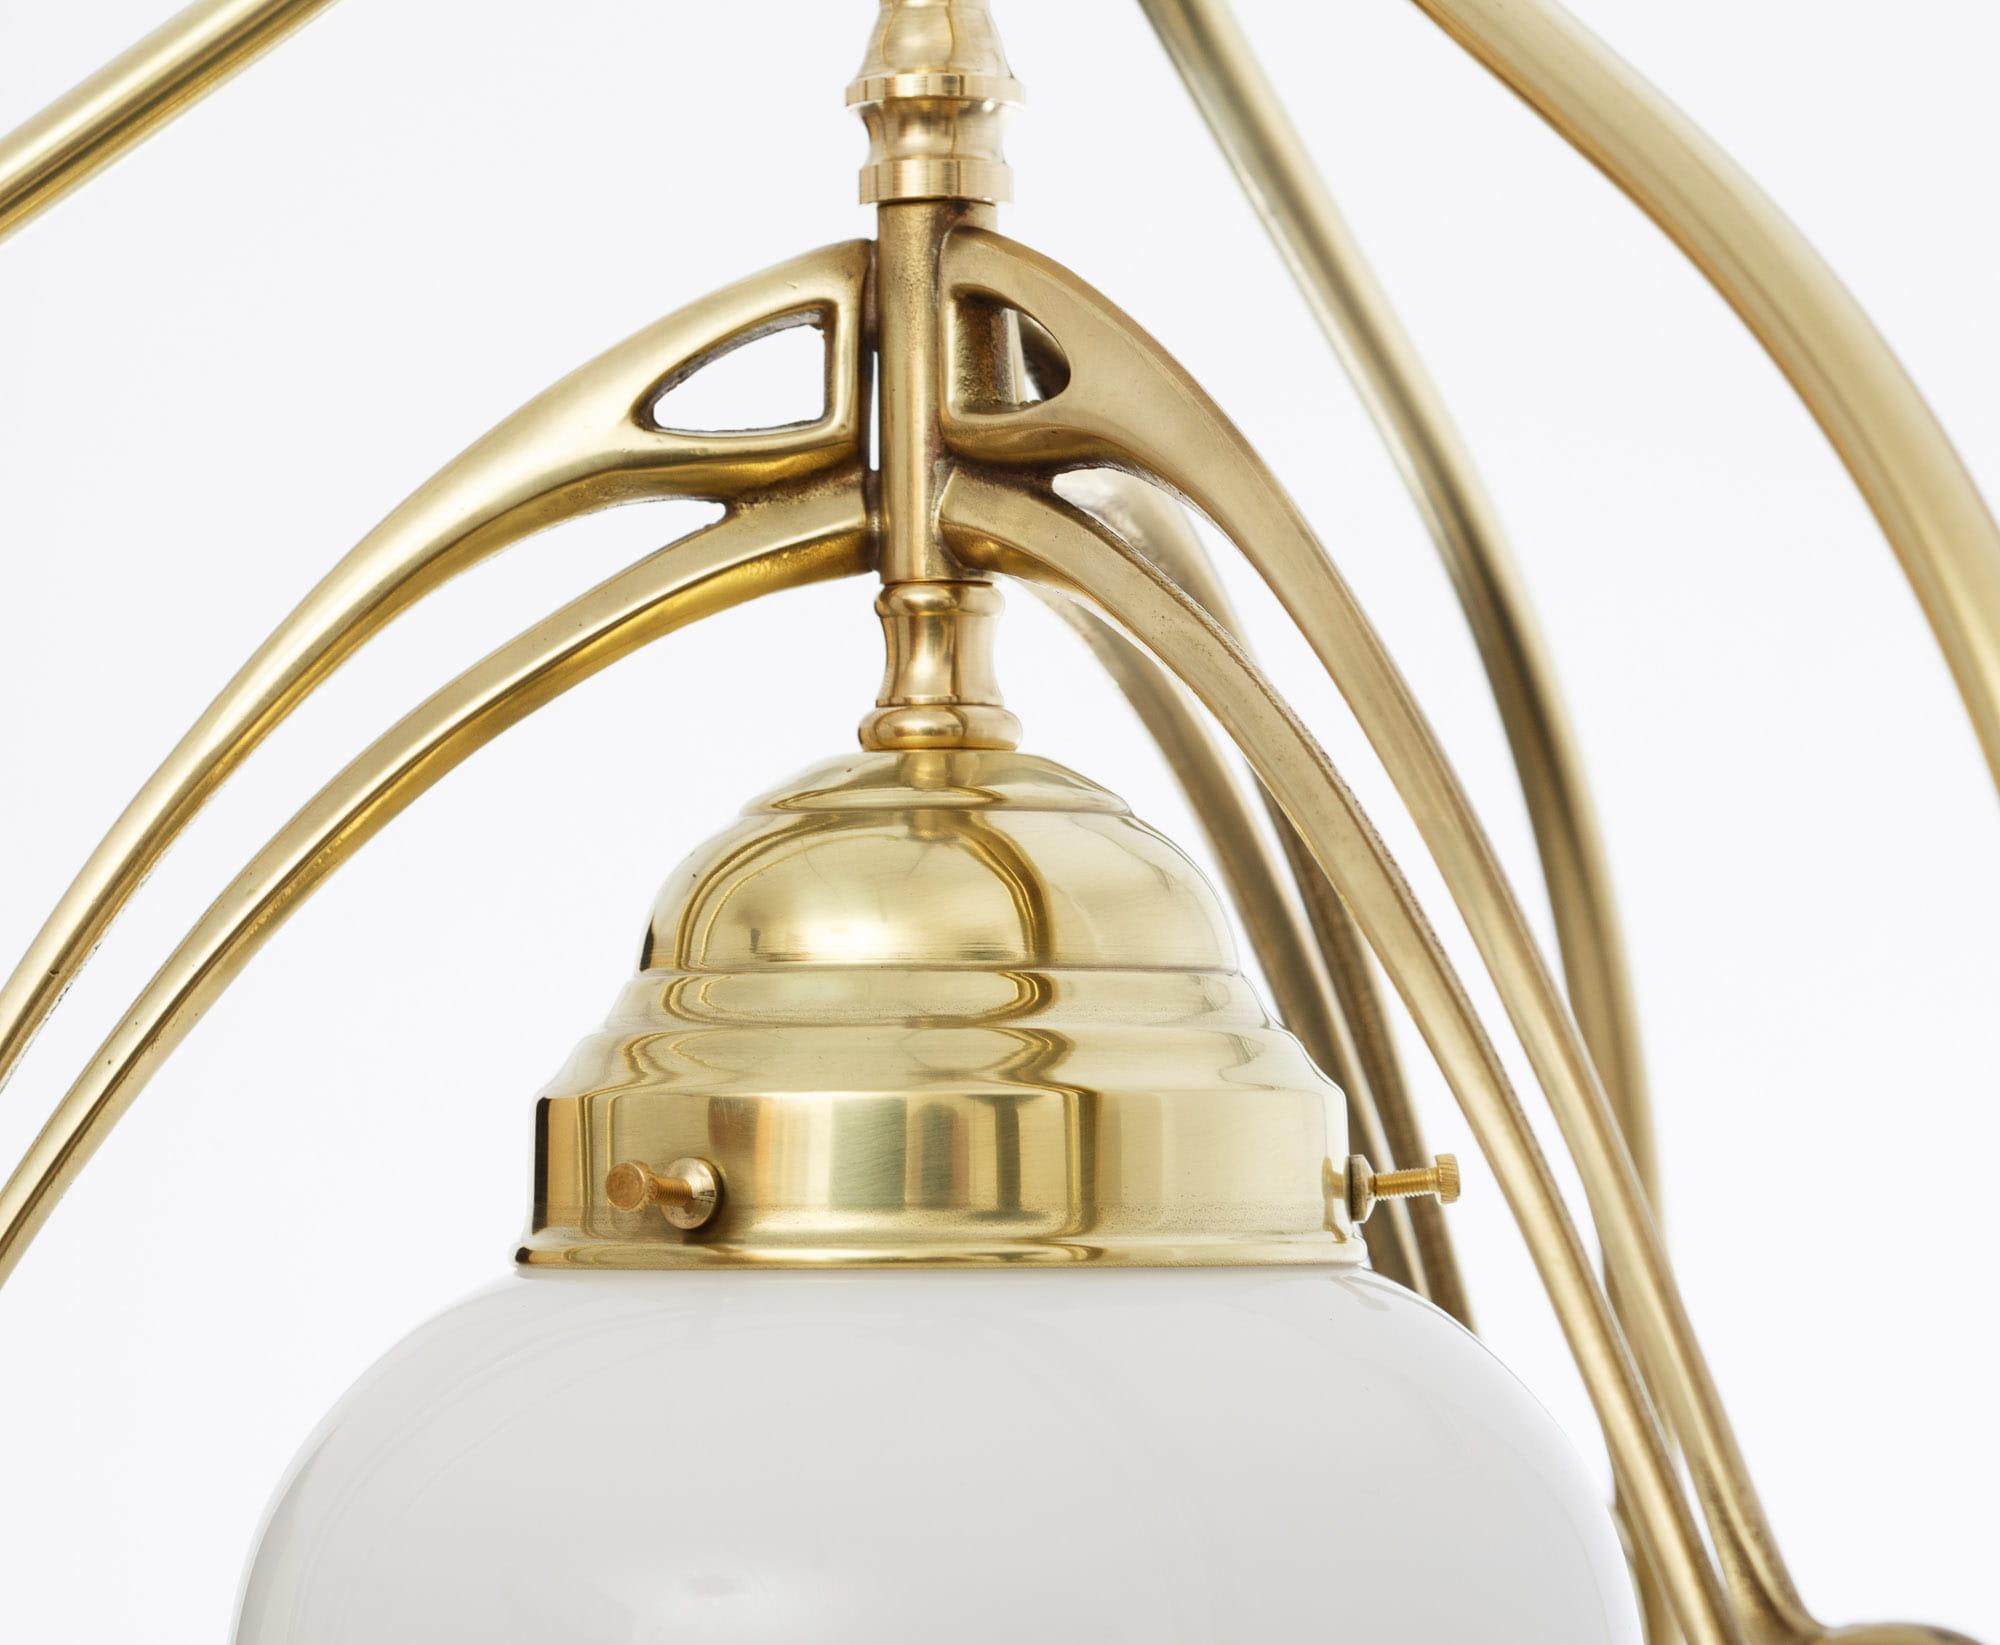 Außergewöhnlich Messing Deckenlampe Sammlung Von Jugendstil Deckenleuchte D 680/4/621 Berliner / Mit